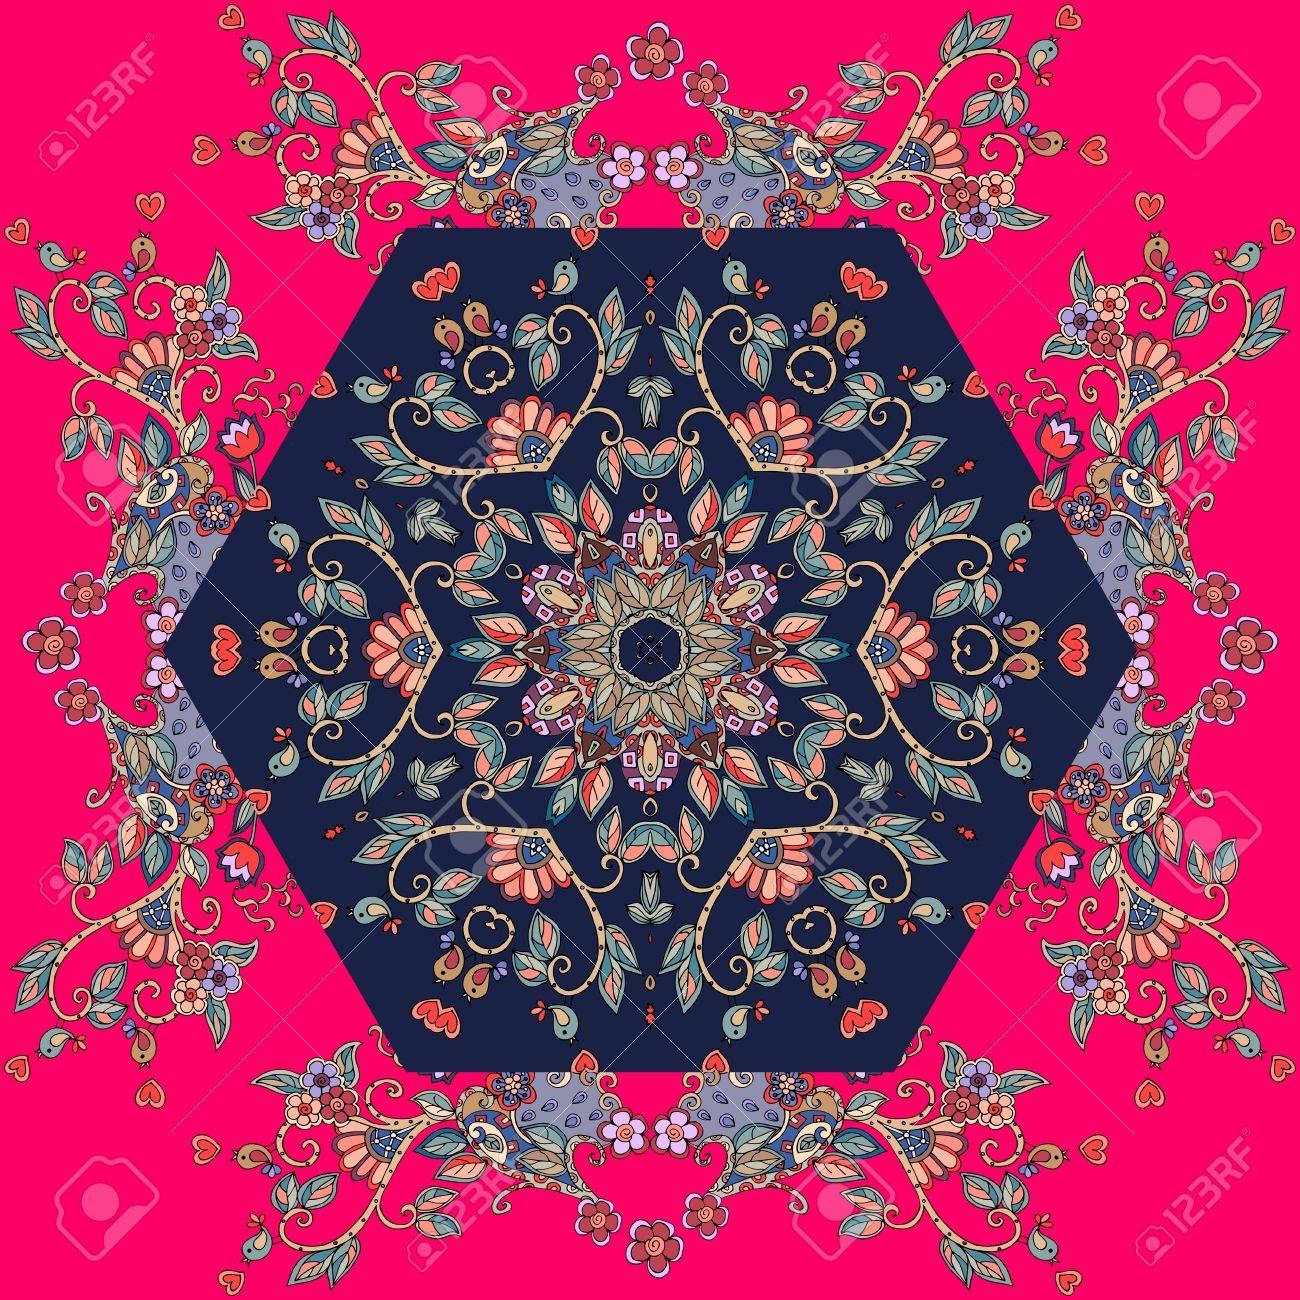 raccolto stili freschi ben noto Vettoriale - Decorativi Ornamento Floreale. Può Essere Usato Per ...